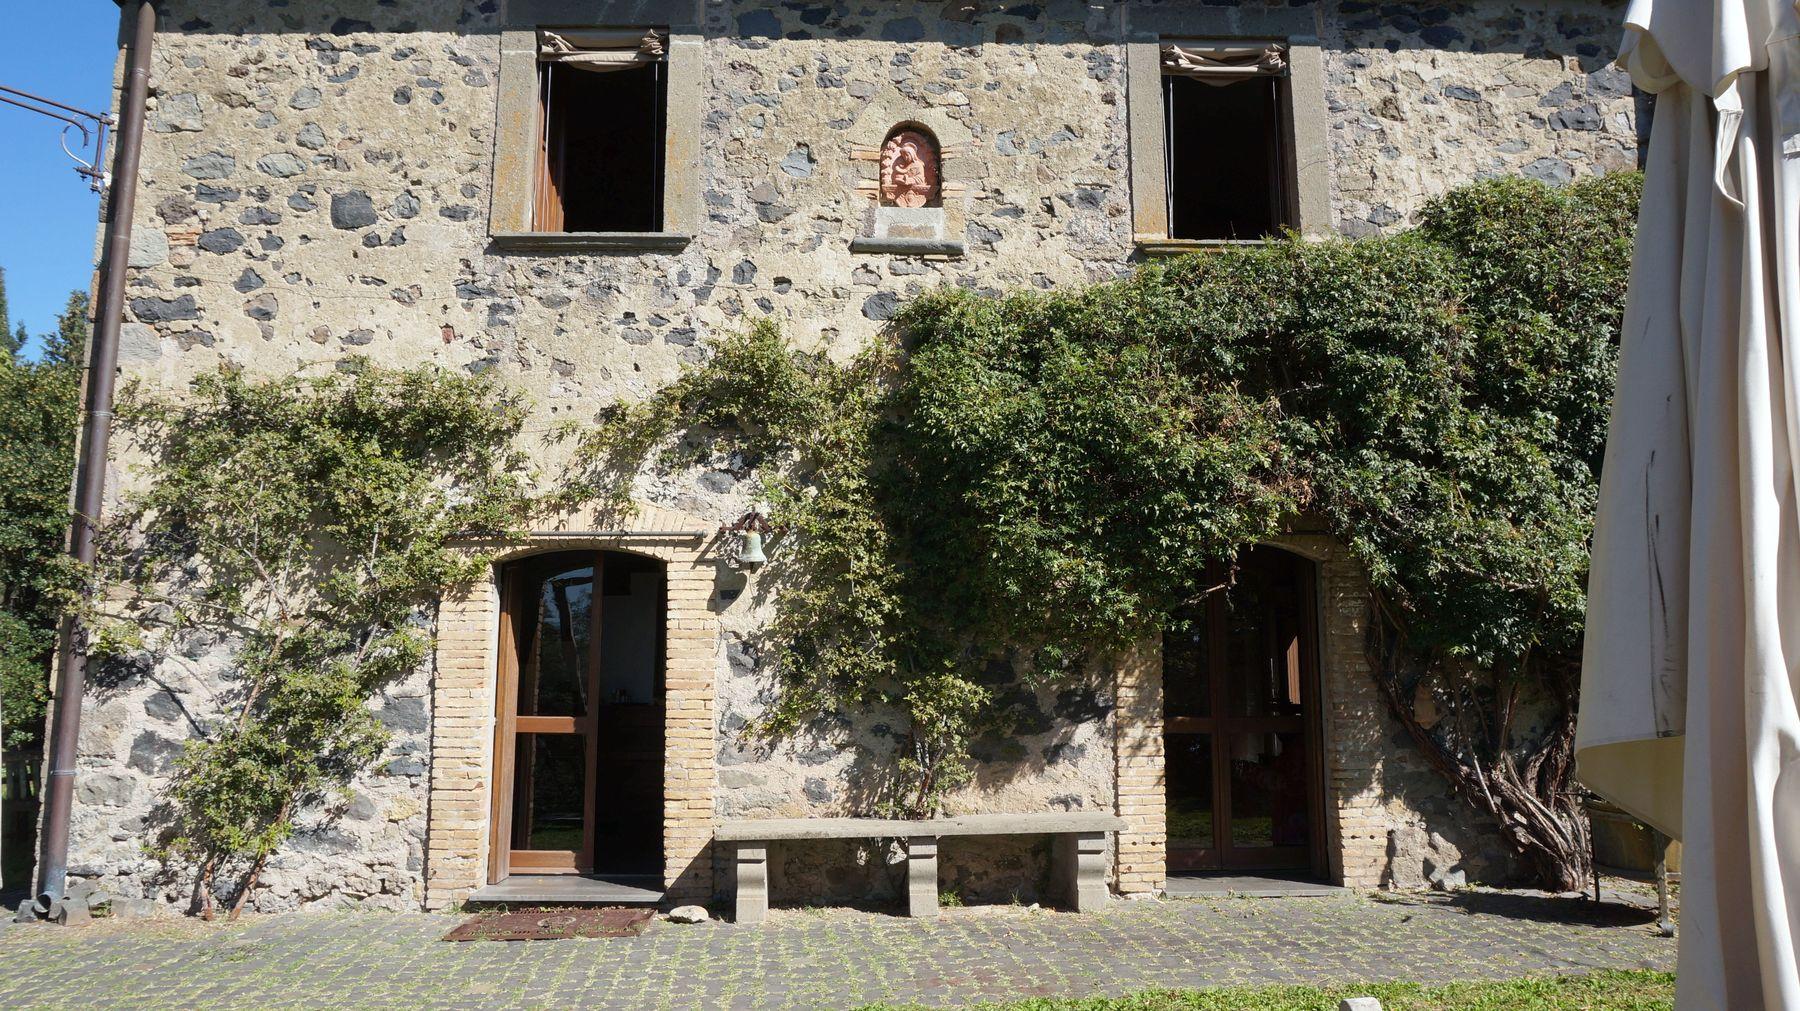 La Luccica Blossom zine viaggio Promo Tuscia (8)